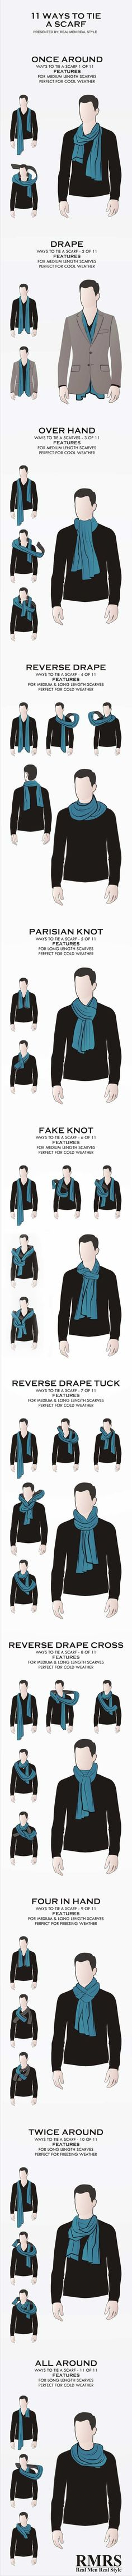 Curiosa infografía con 11 maneras para que cualquier hombre pueda llevar una bufanda con estilo.